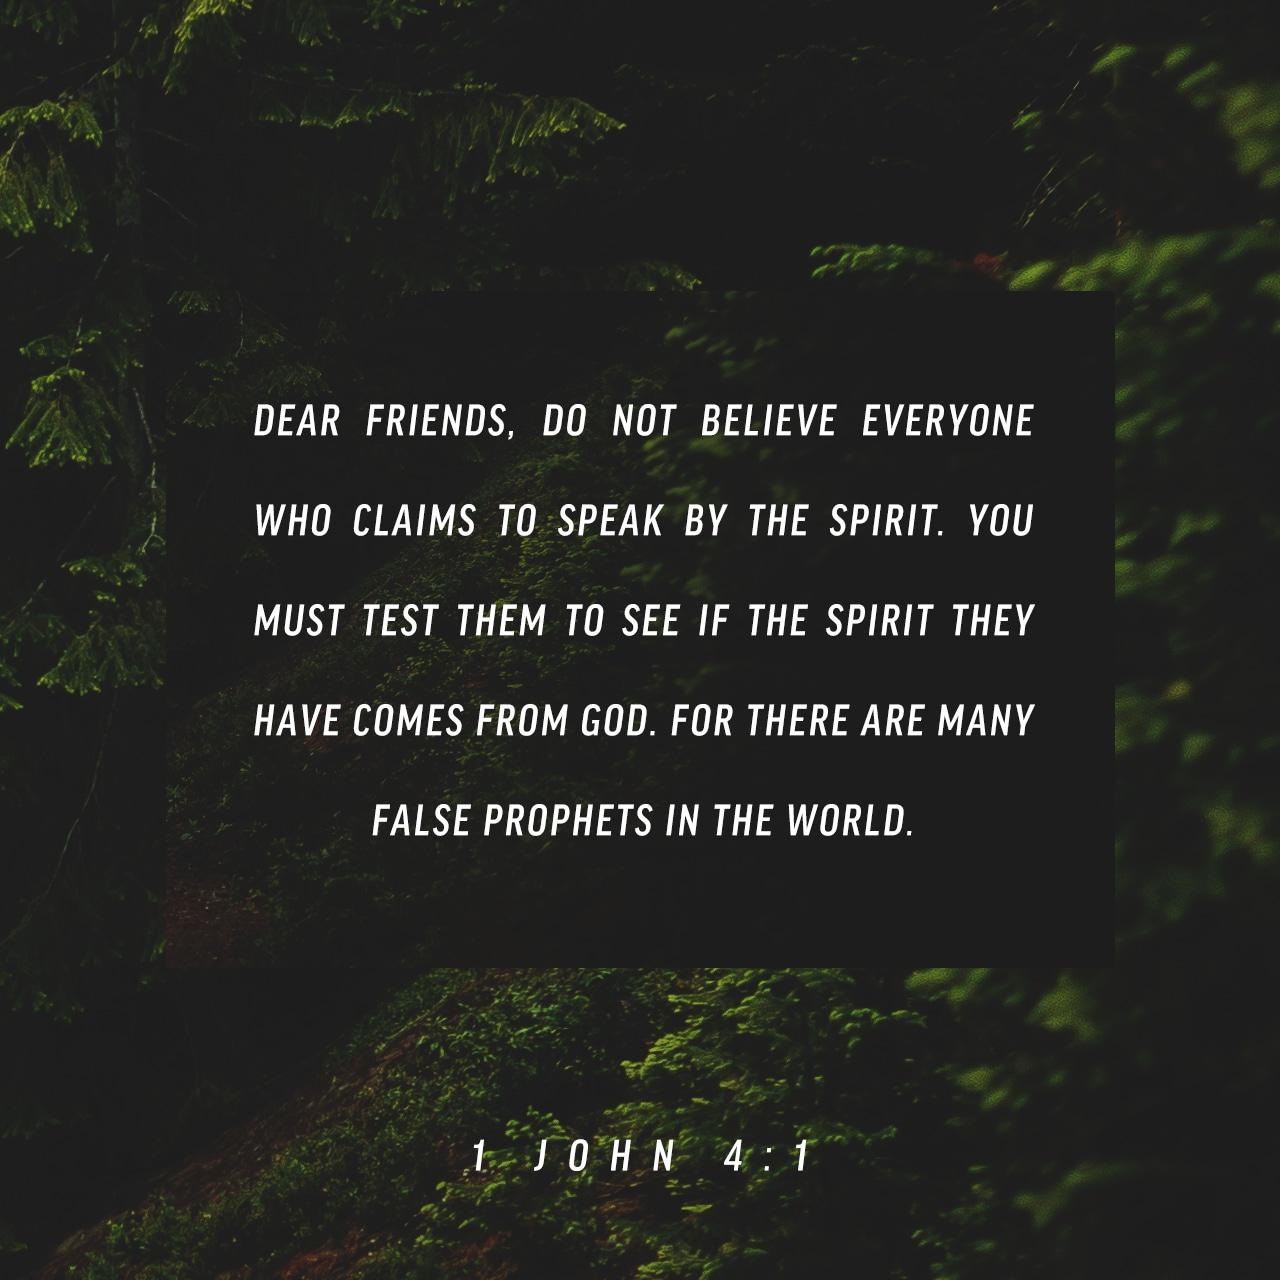 1 John 4:1